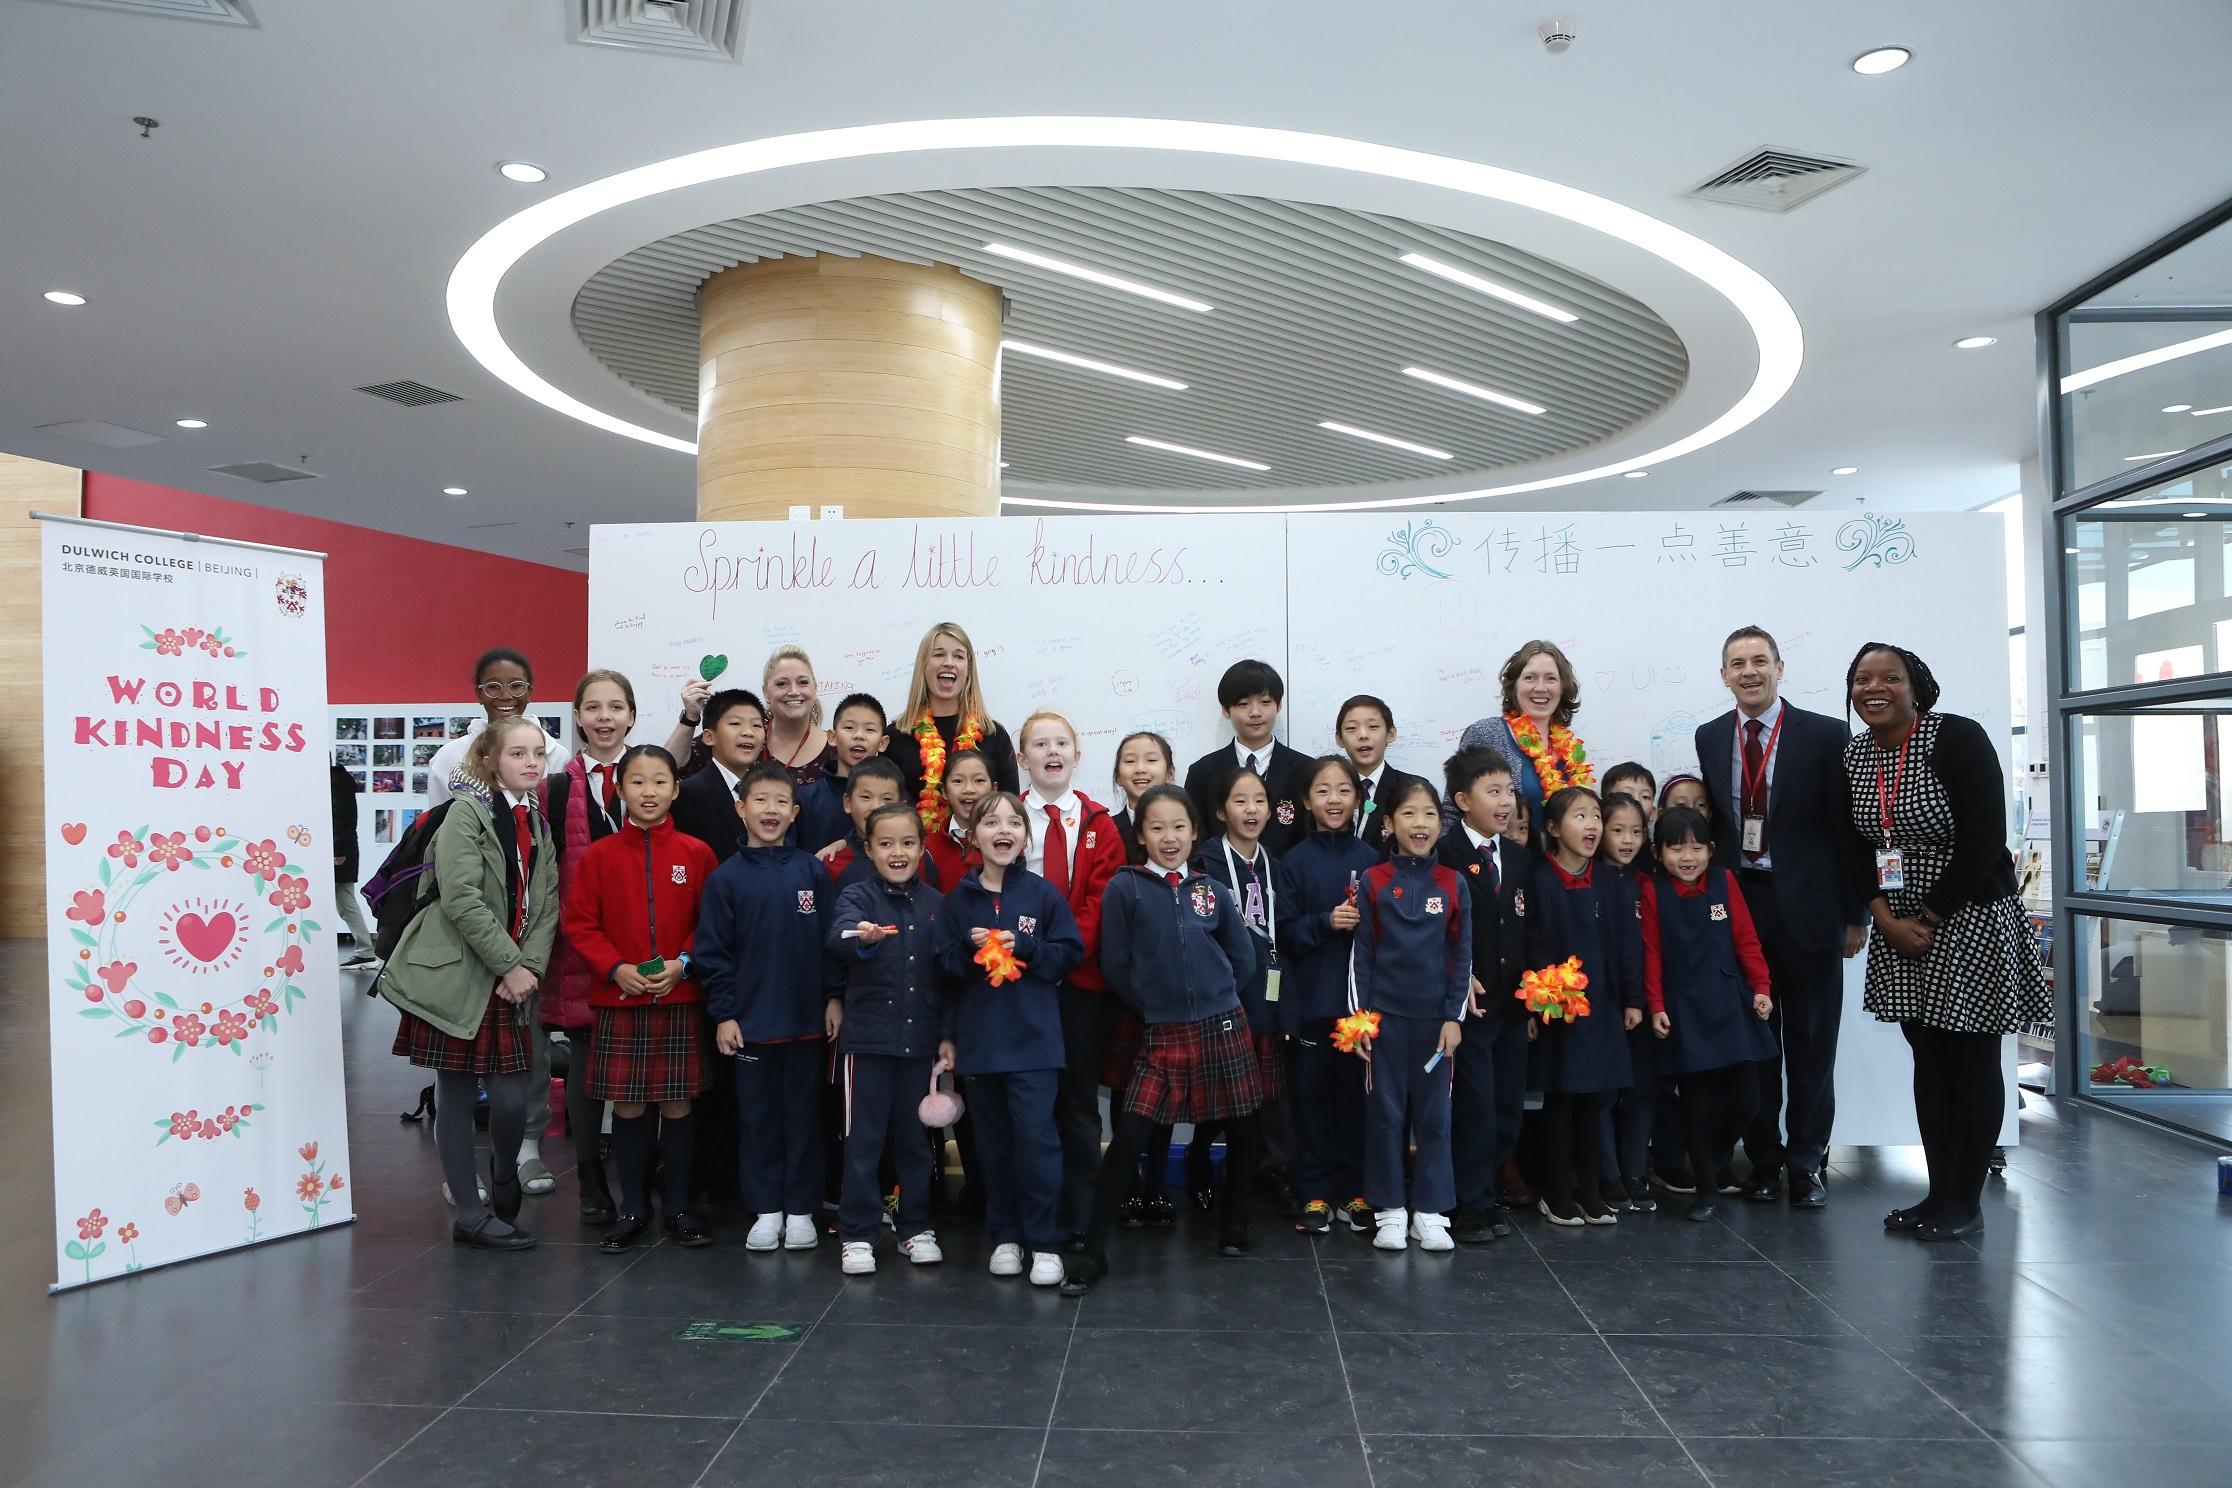 北京德威世界友善日